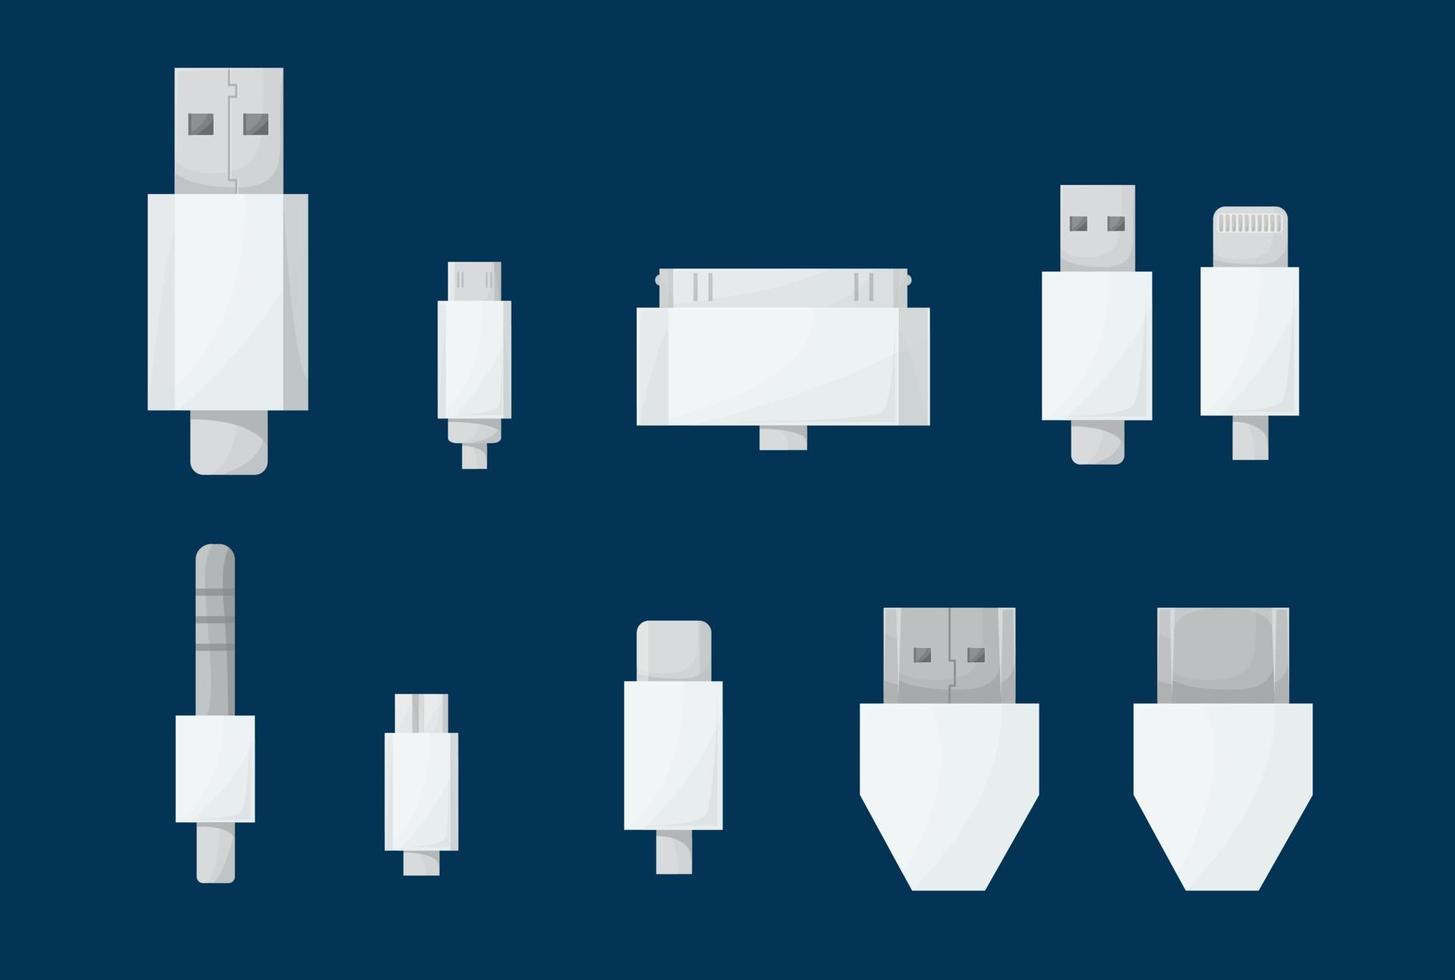 juego de cables usb. enchufes tipo a, by tipo c, mini, micro, lightning, hdmi, 30 pines, jack. conectores de cable blanco de computadora universal.Ilustración de vector en estilo de dibujos animados.